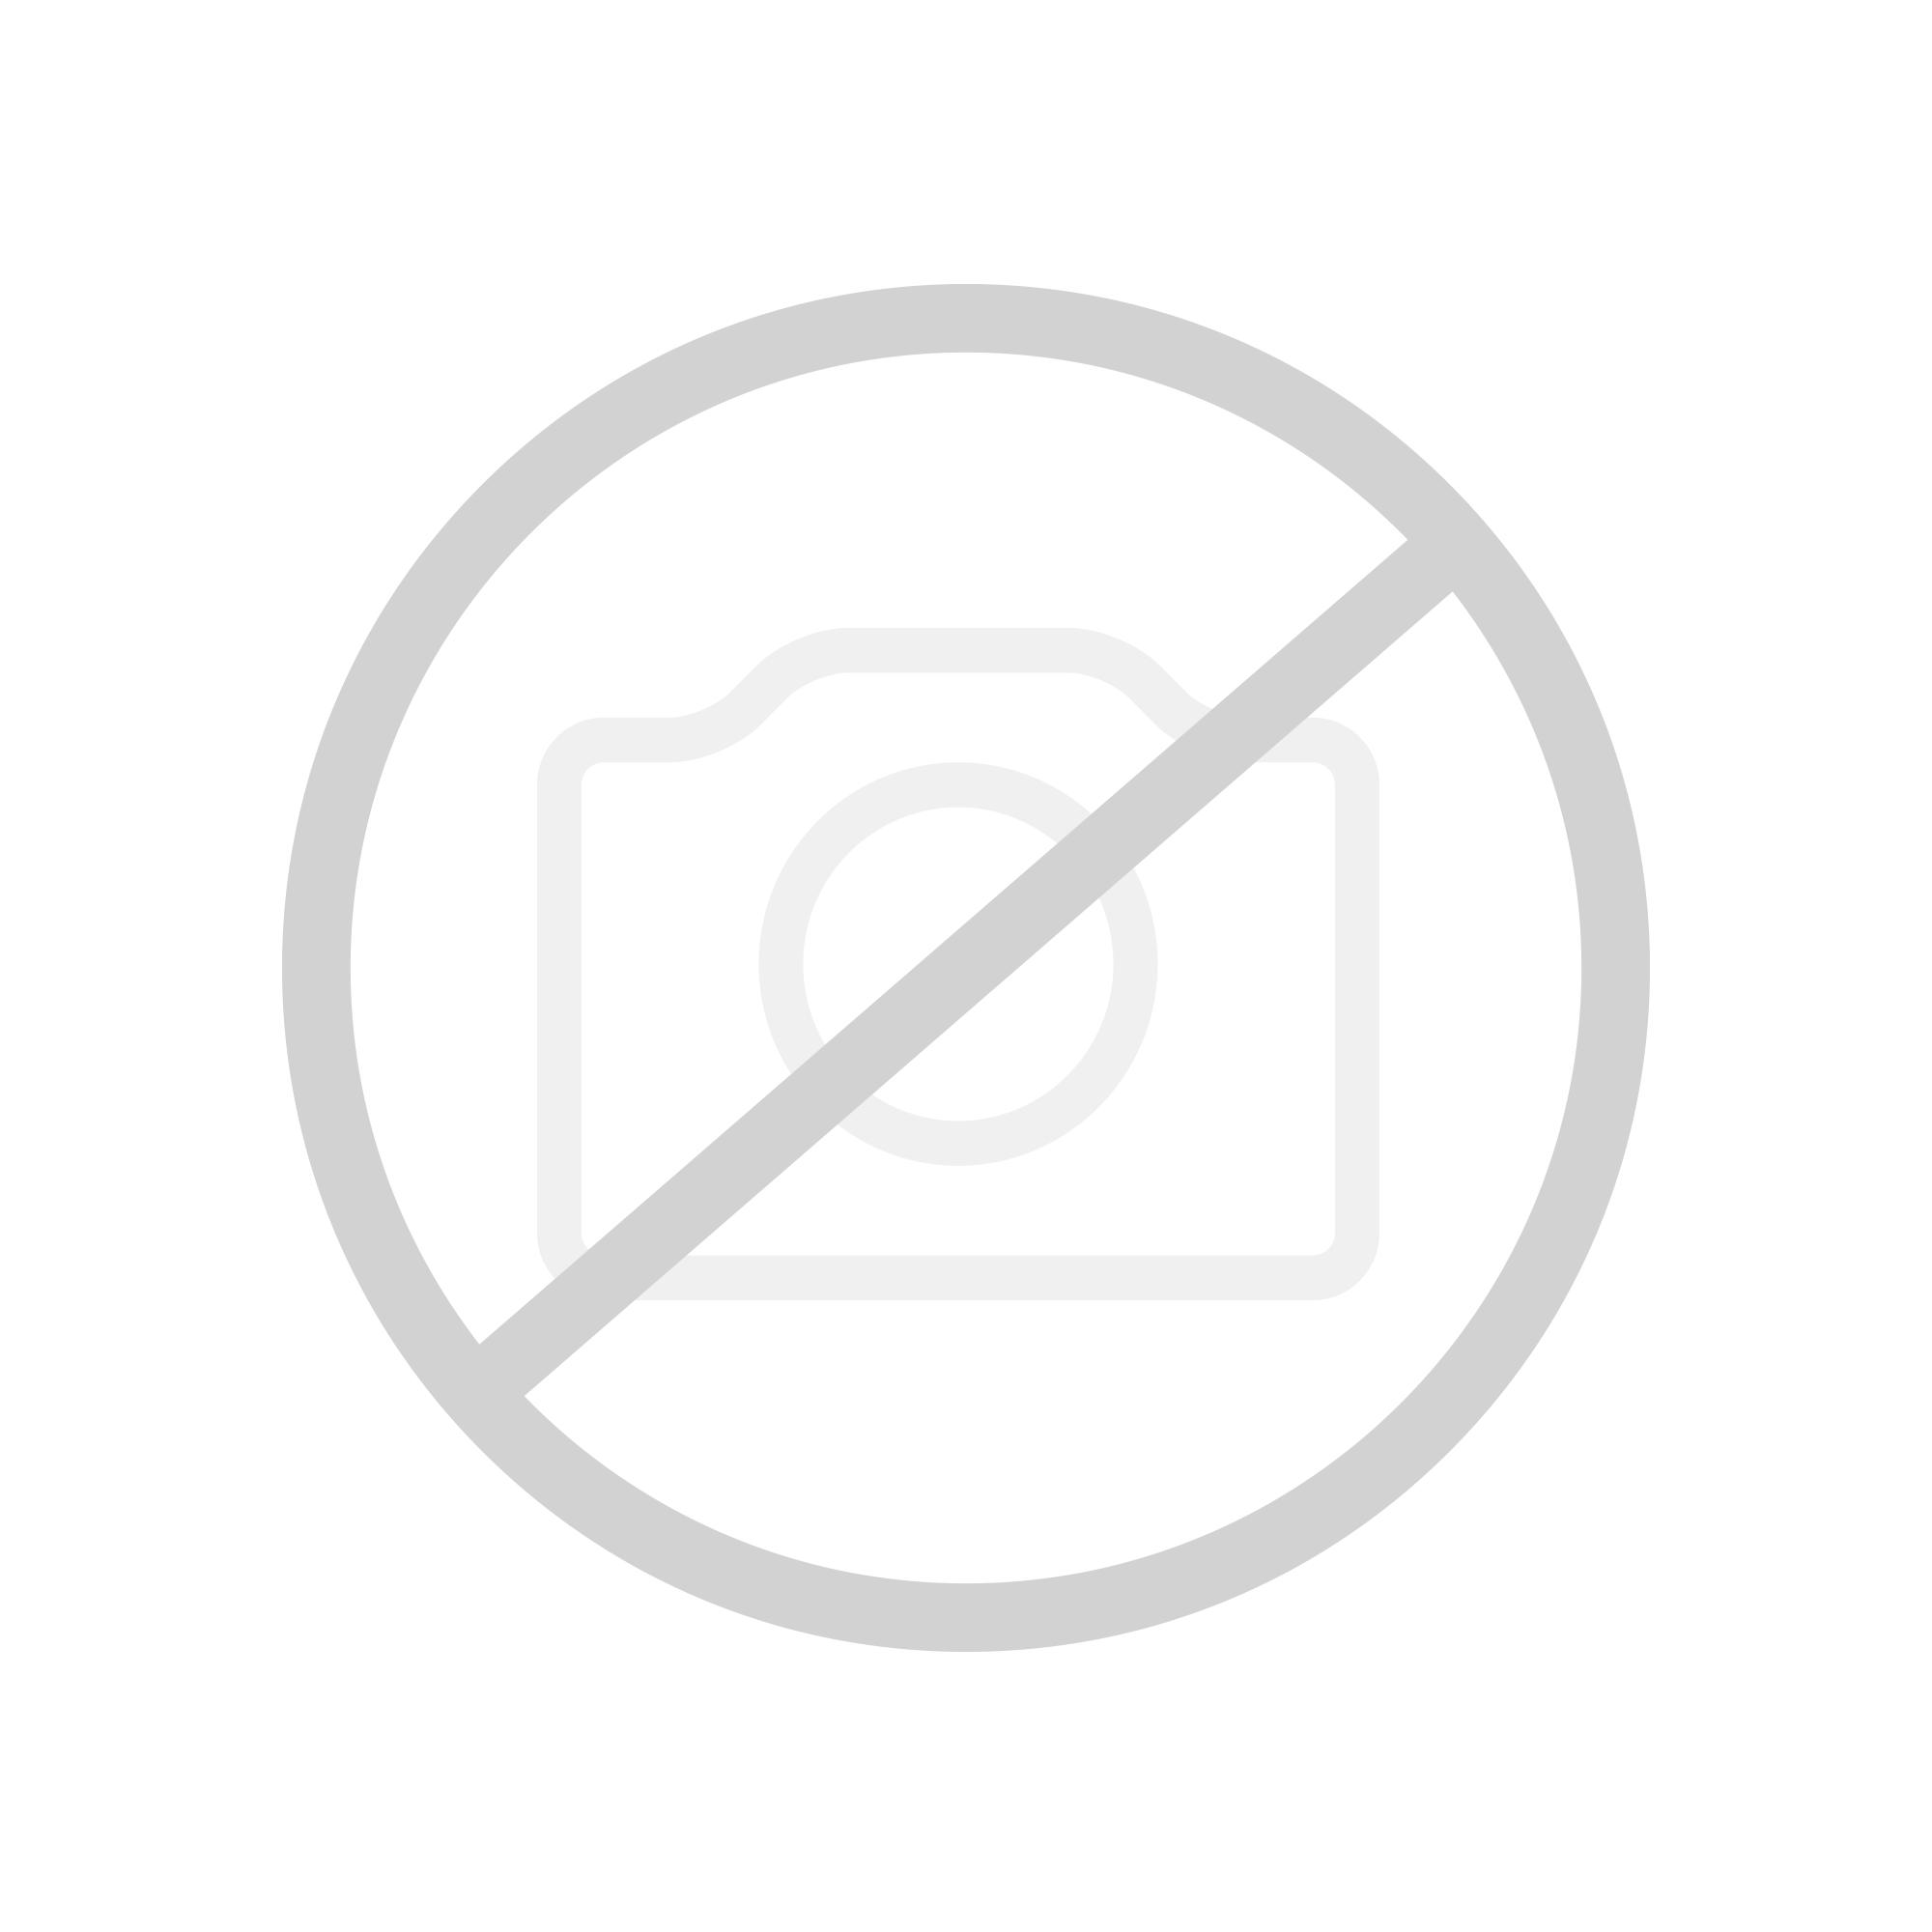 VitrA S20 Wand-Tiefspül-WC weiß